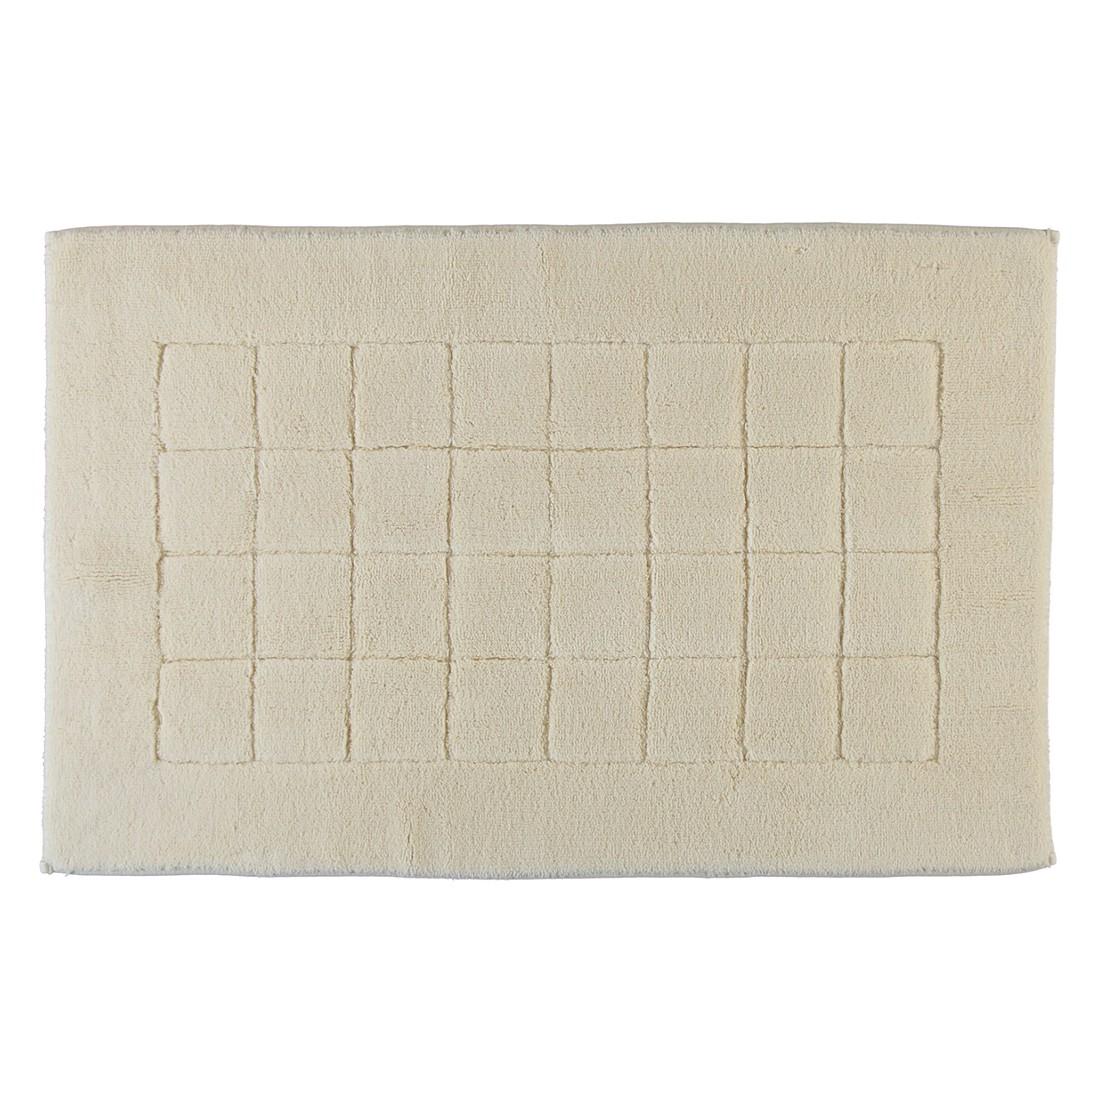 Badteppiche Vienna Sensible – Baumwolle – Chamois – 67×120 cm, Vossen günstig bestellen